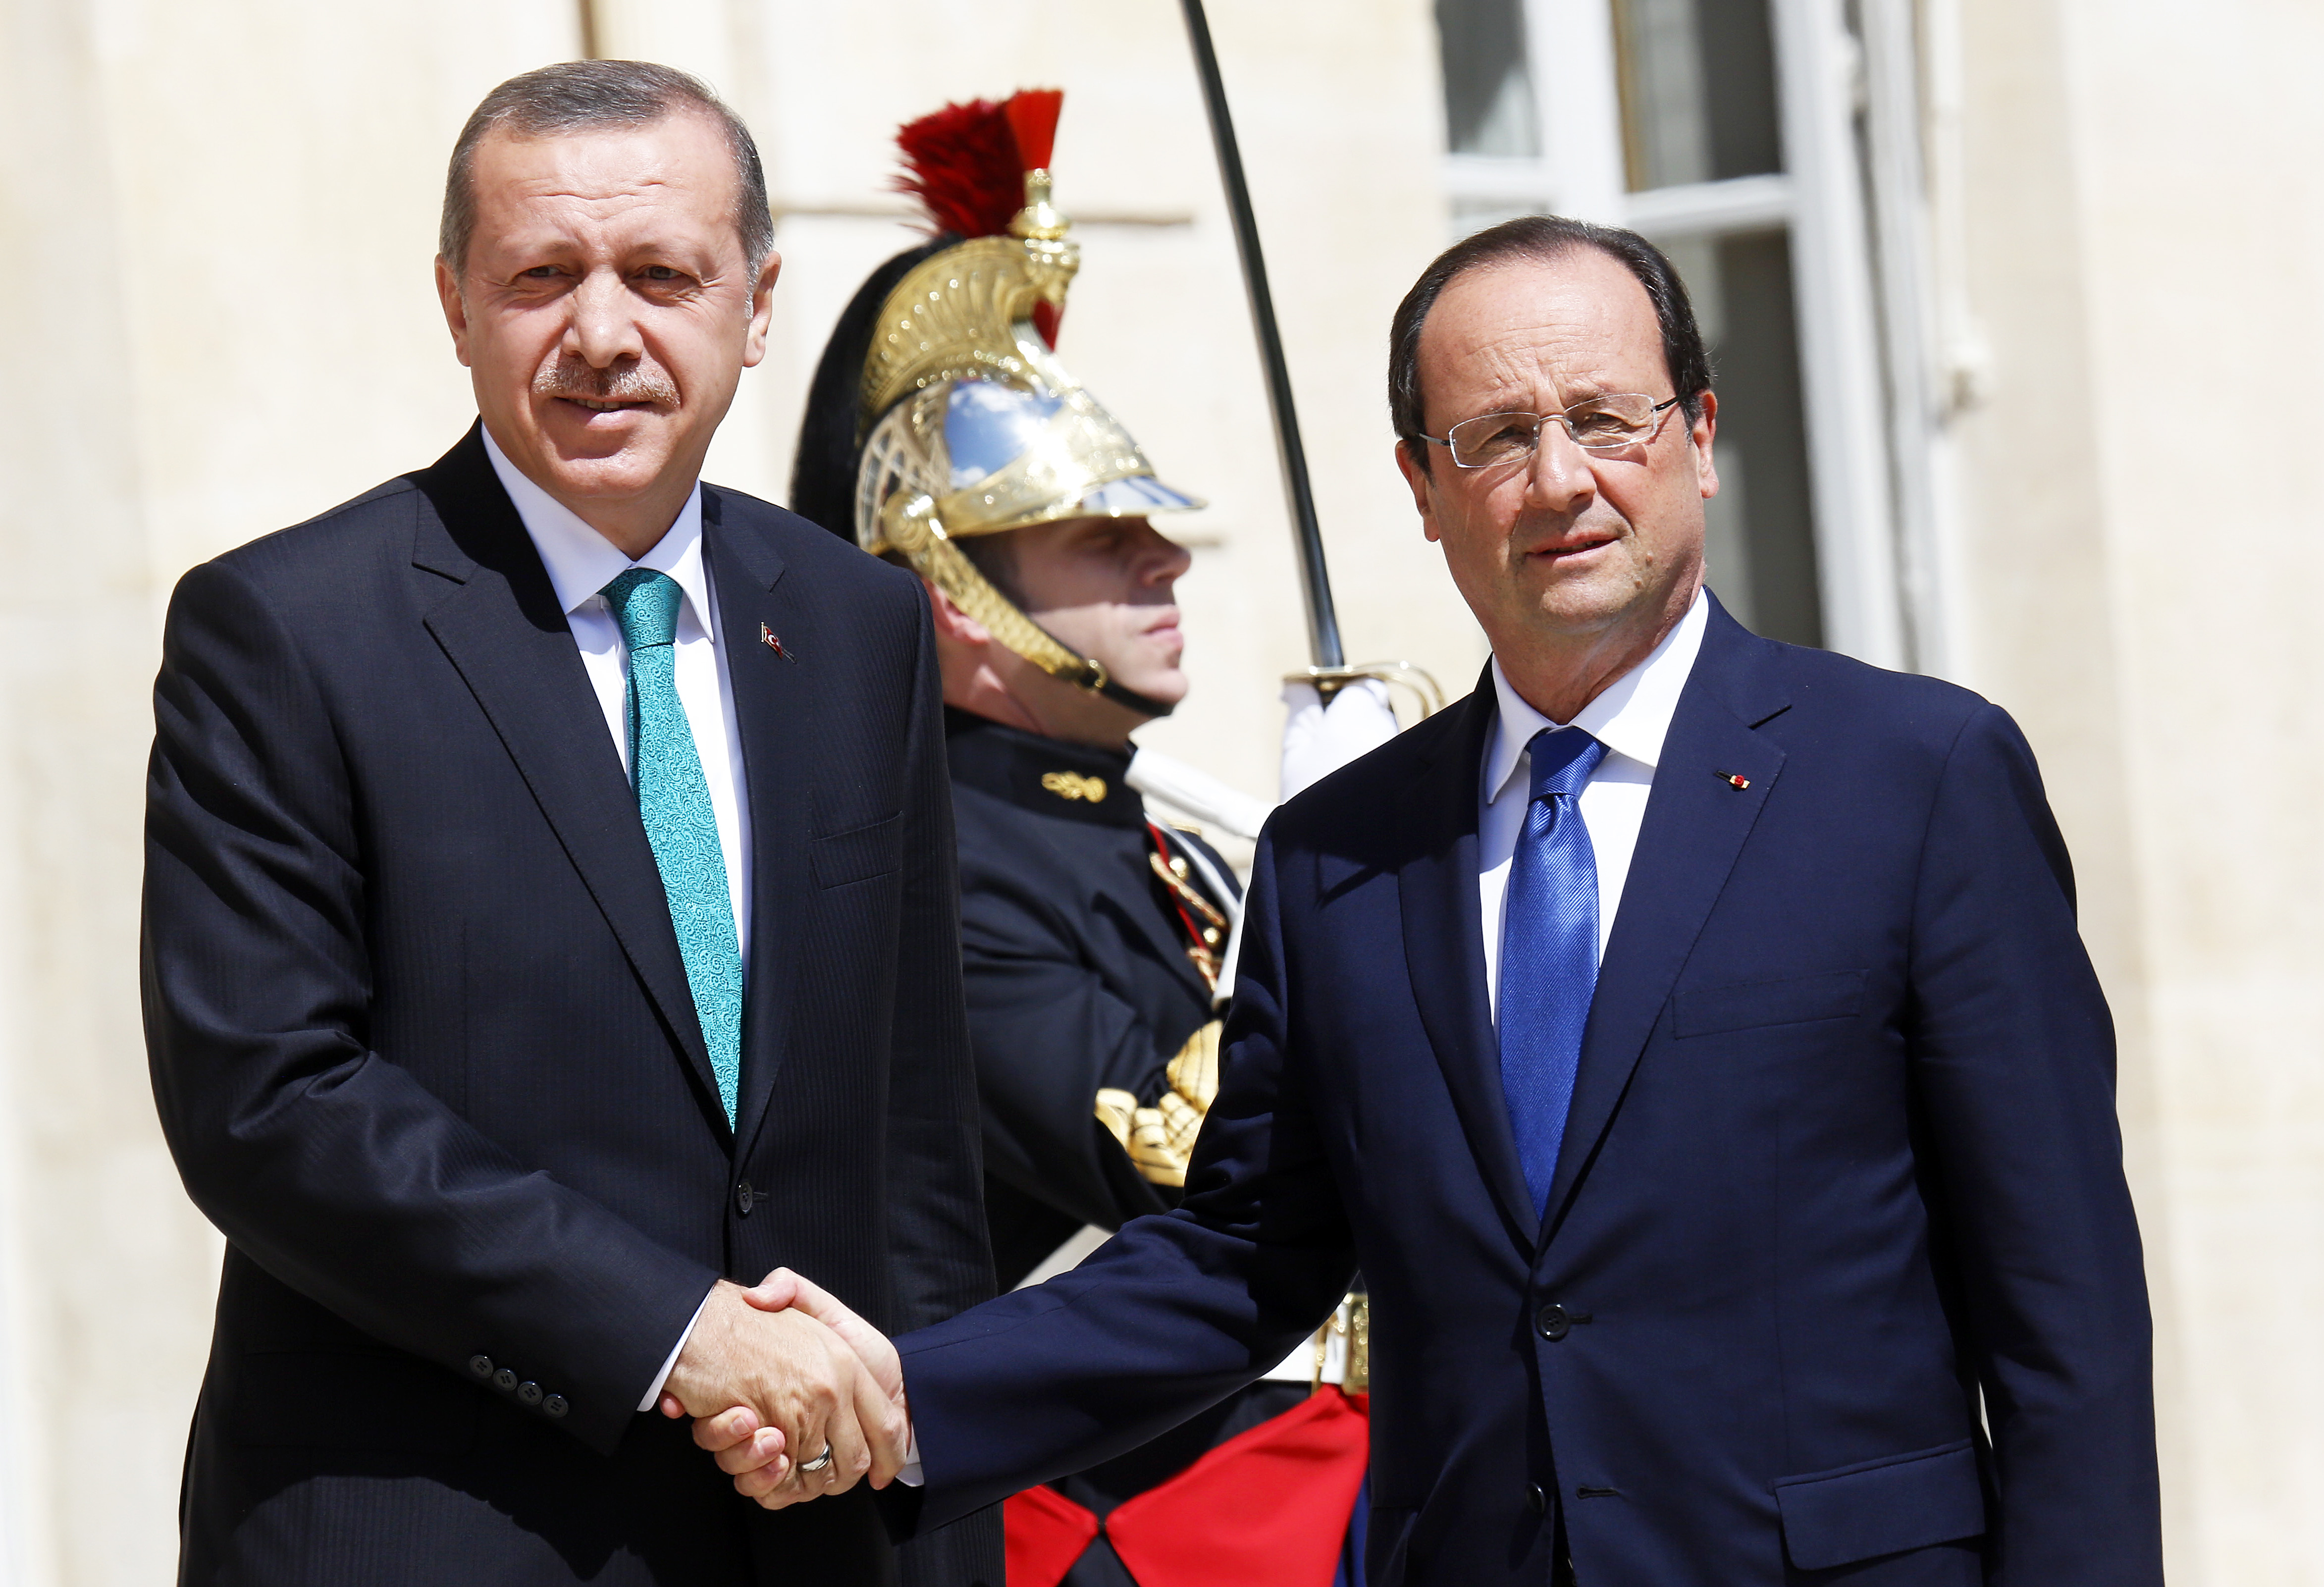 France. Paris le 2014/06/20Recep Tayyip Erdogan Premier Ministre de Turquie est recu au Palais de Elysee.Recep Tayip Erdogan et Francois Hollande se serrant la main© Vernier/JBV NEWS